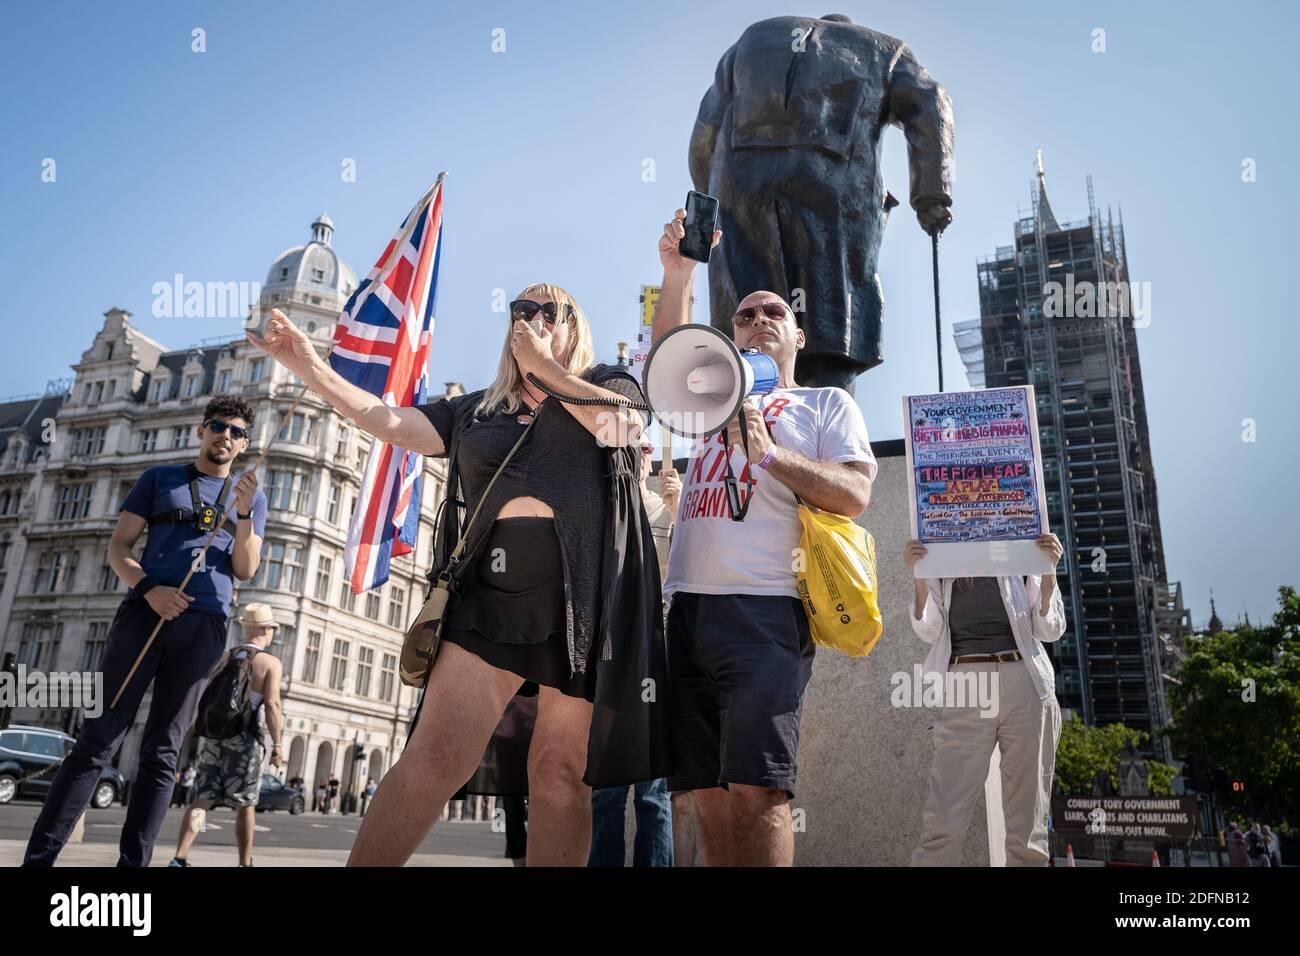 Coronavirus : manifestation anti-verrouillage sur la place du Parlement. Un petit rassemblement de manifestants anti-verrouillage du mouvement Stand-Up X se réunit sur la place. Banque D'Images